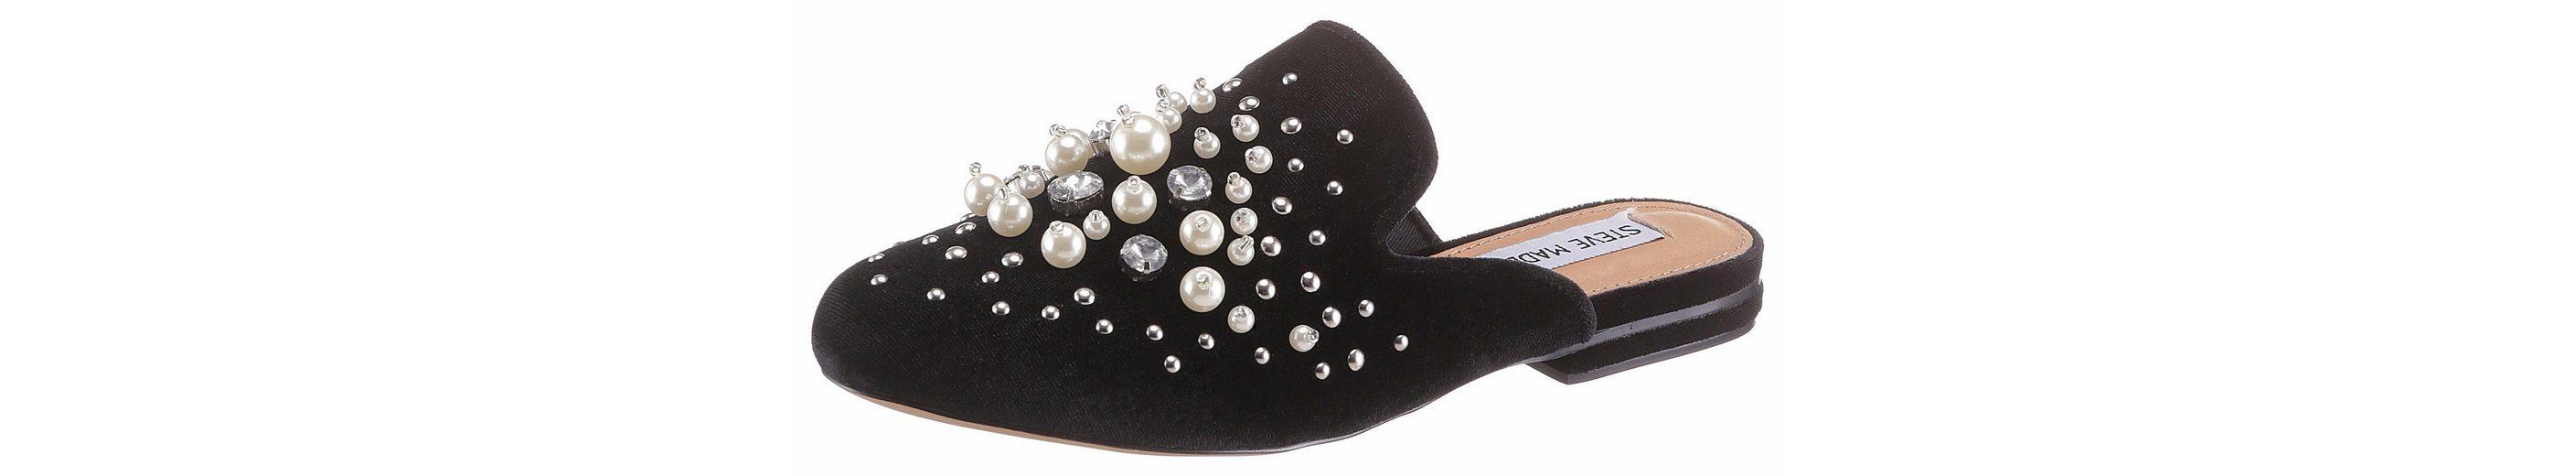 STEVE MADDEN Clog, mit aufwendiger Perlenverzierung